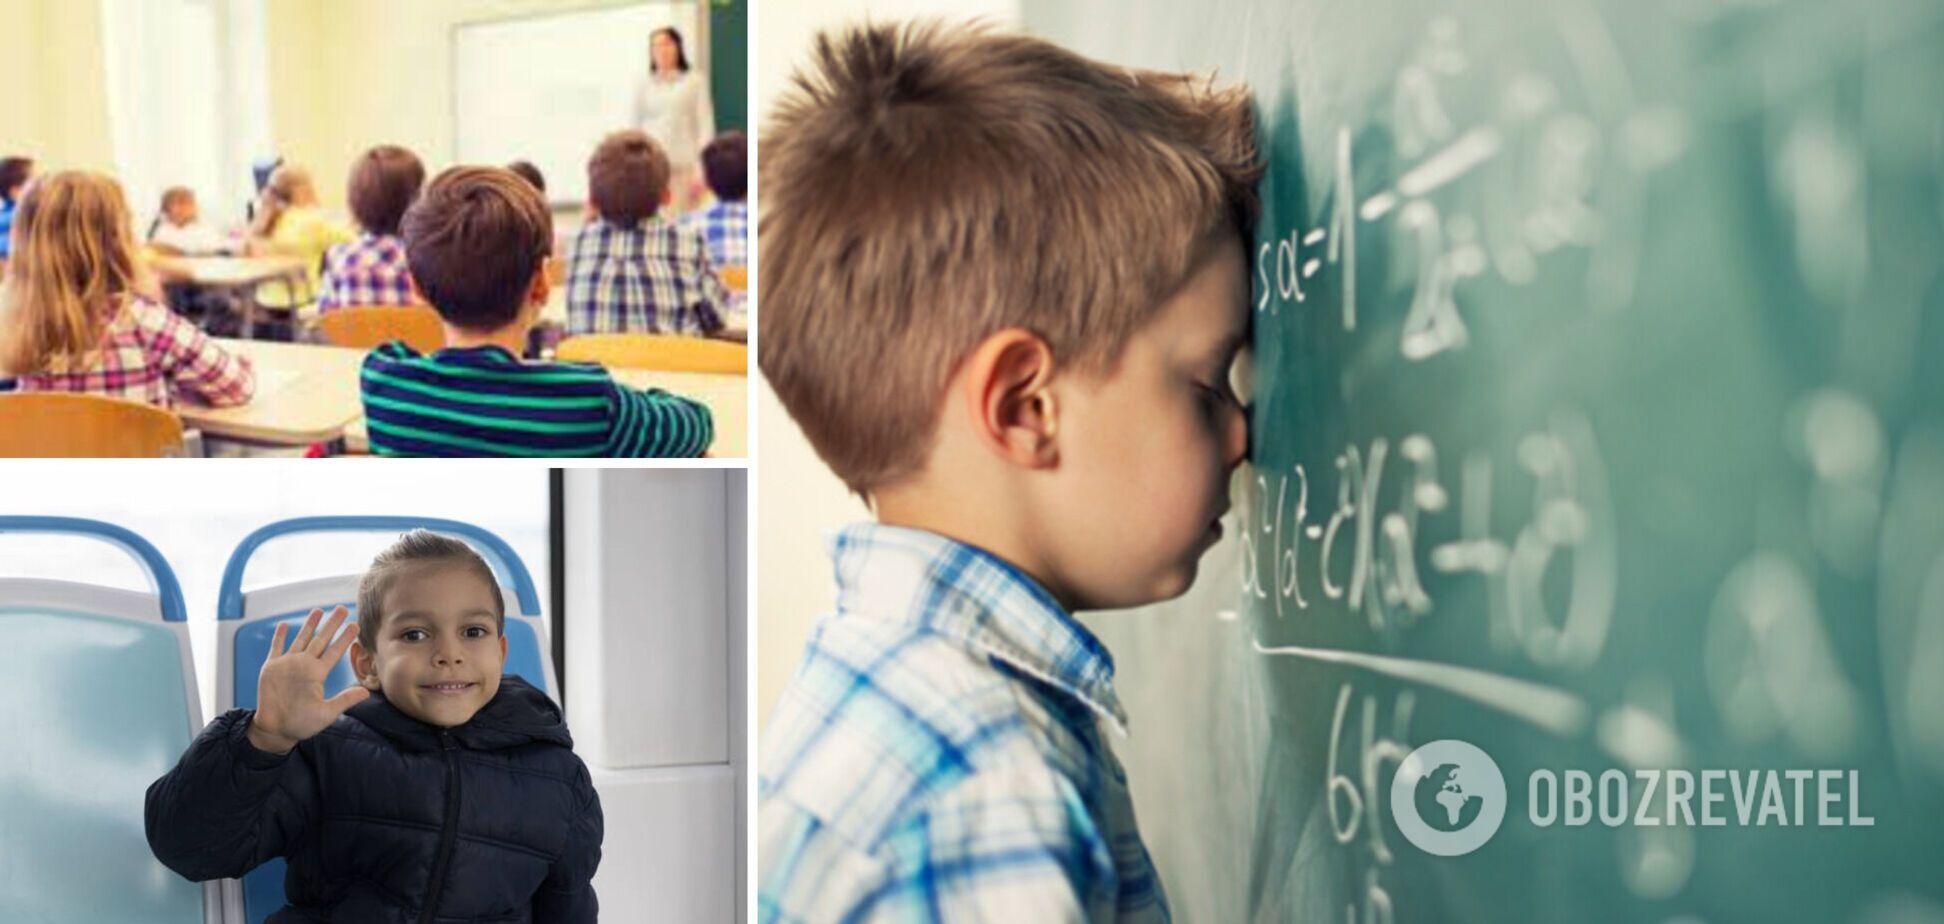 Украину ждет реформа школьного образования, которая понравилась не всем